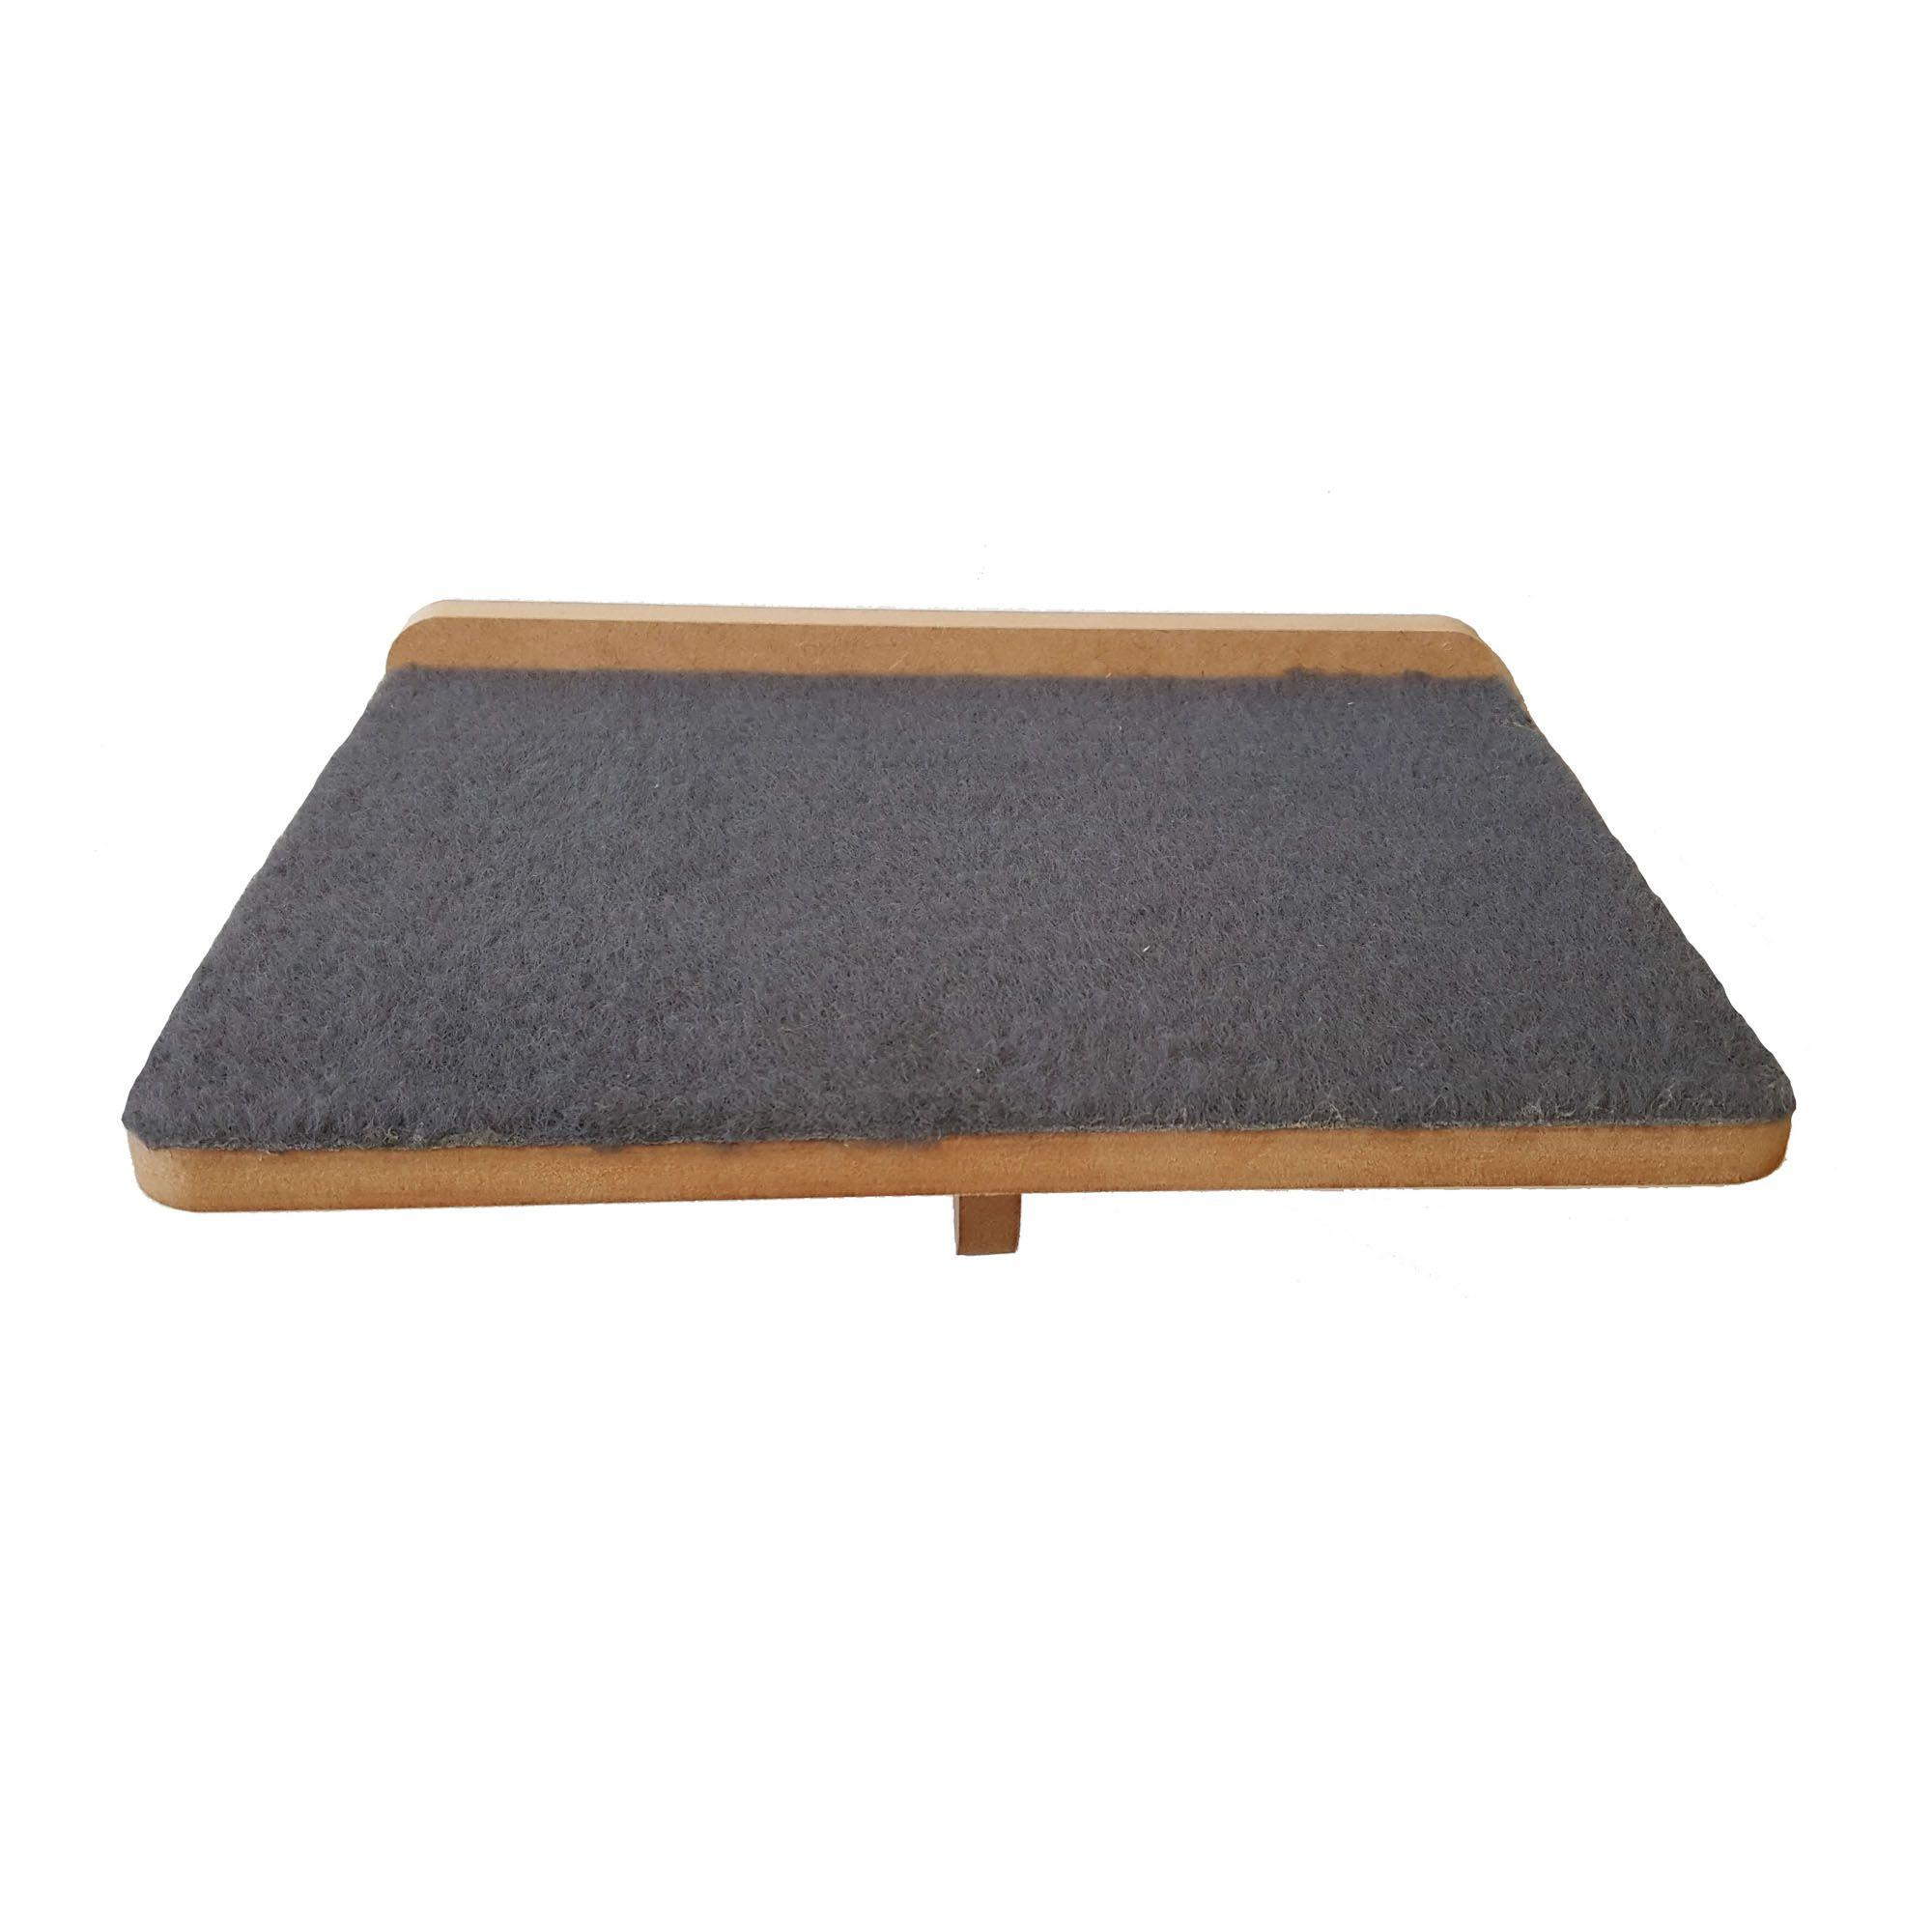 Prateleira Gato - Kit para Gato com 2 Prateleiras Arranhador em Carpete em Mdf 15mm